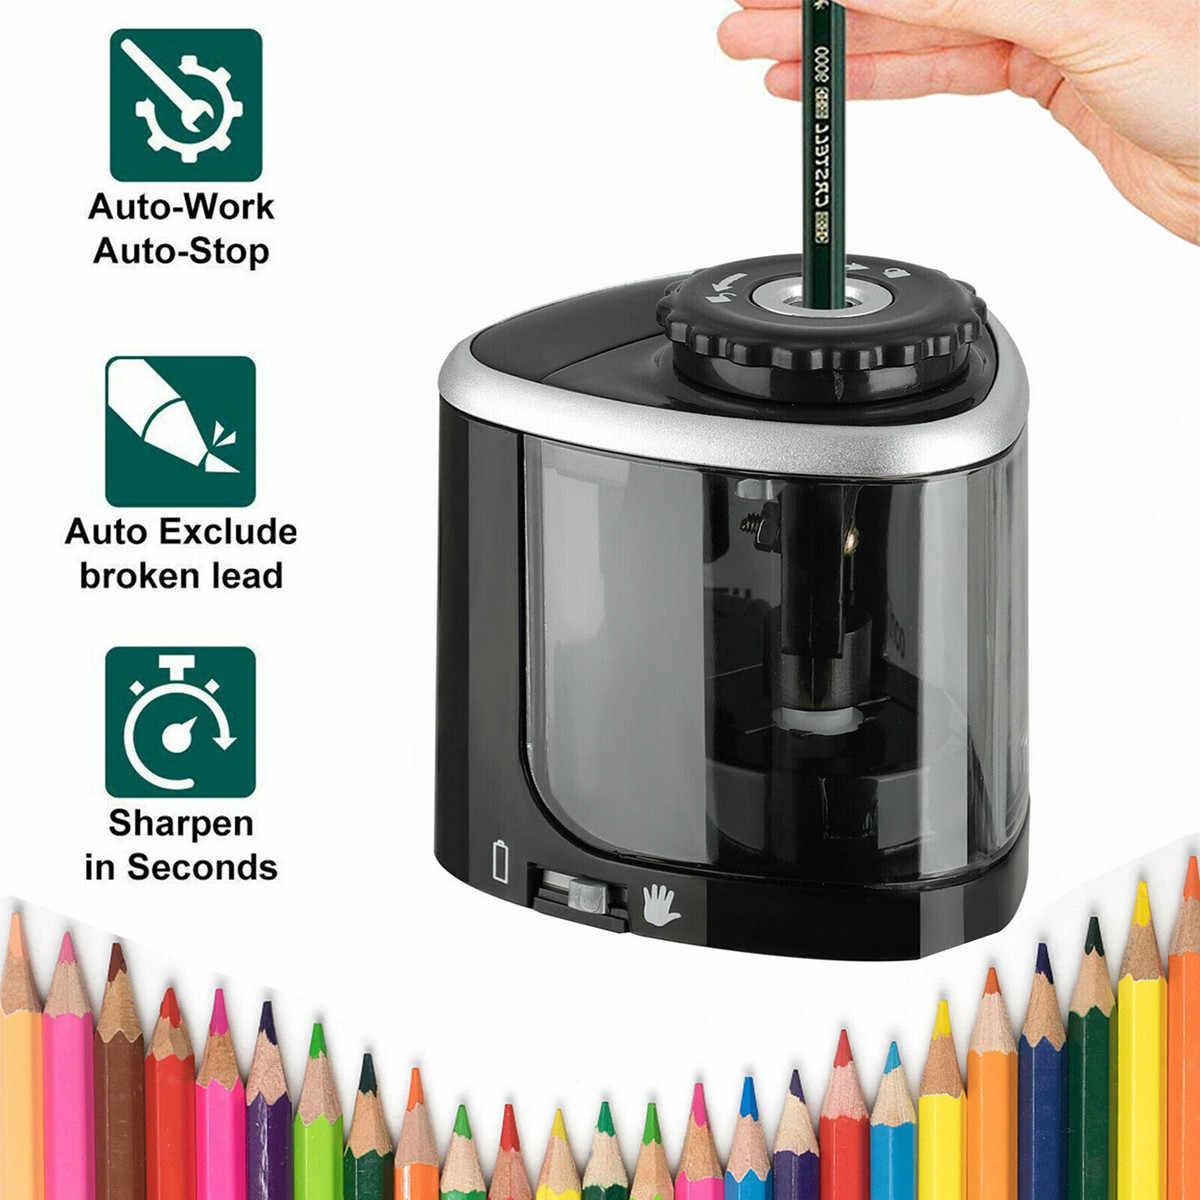 חדש 1PCS חשמלי אוטומטי עיפרון מחדד בטוח תלמיד סליל פלדת להב מחדד עבור אמנים ילדים מבוגרים עפרונות צבעוניים